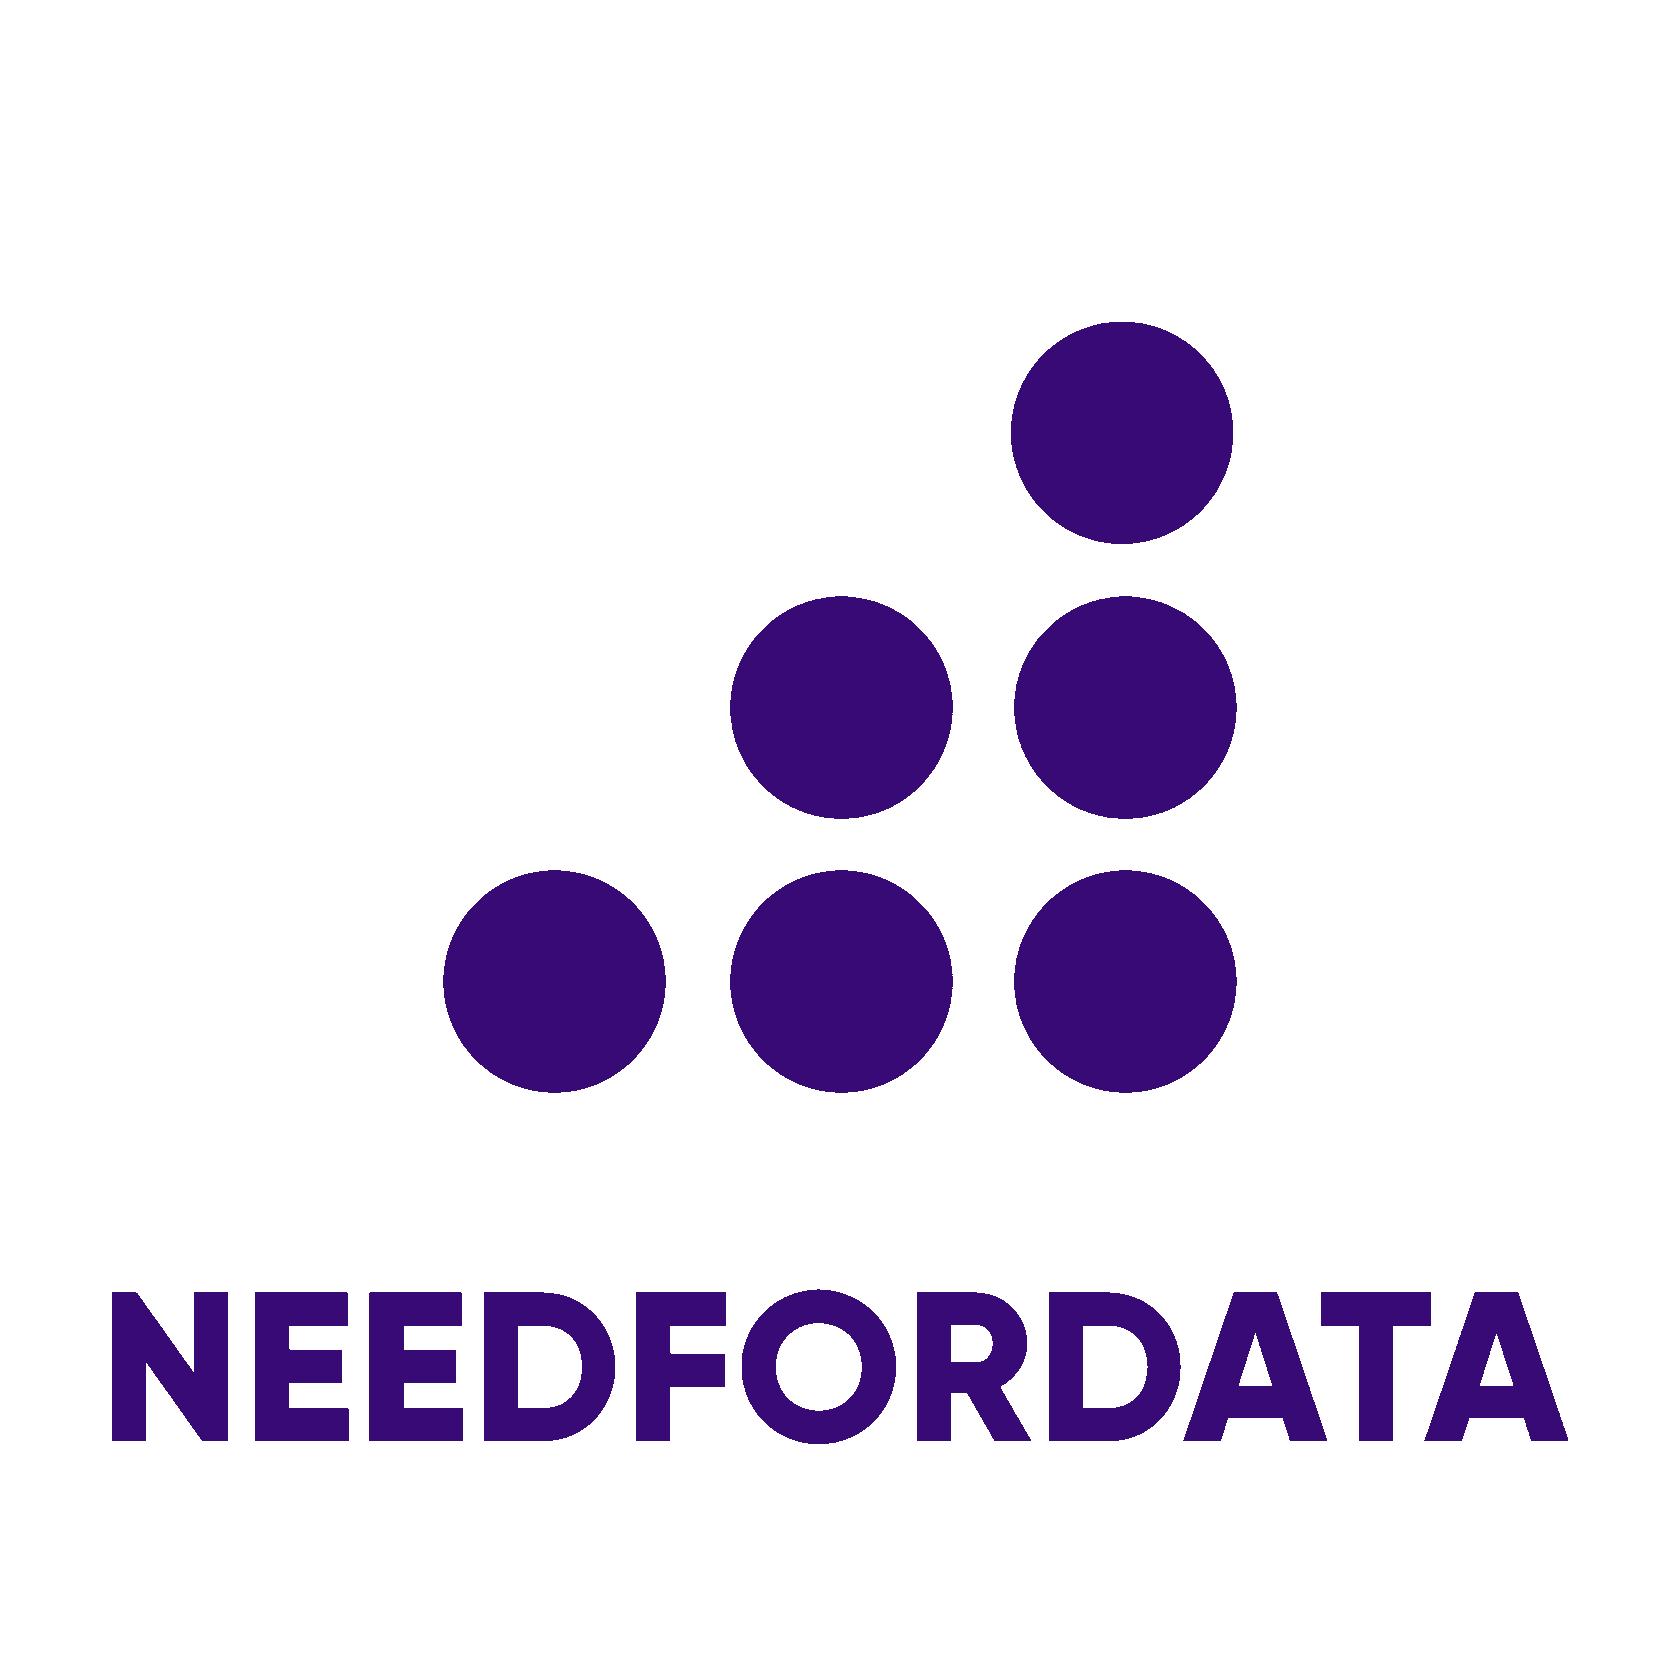 Needfordata